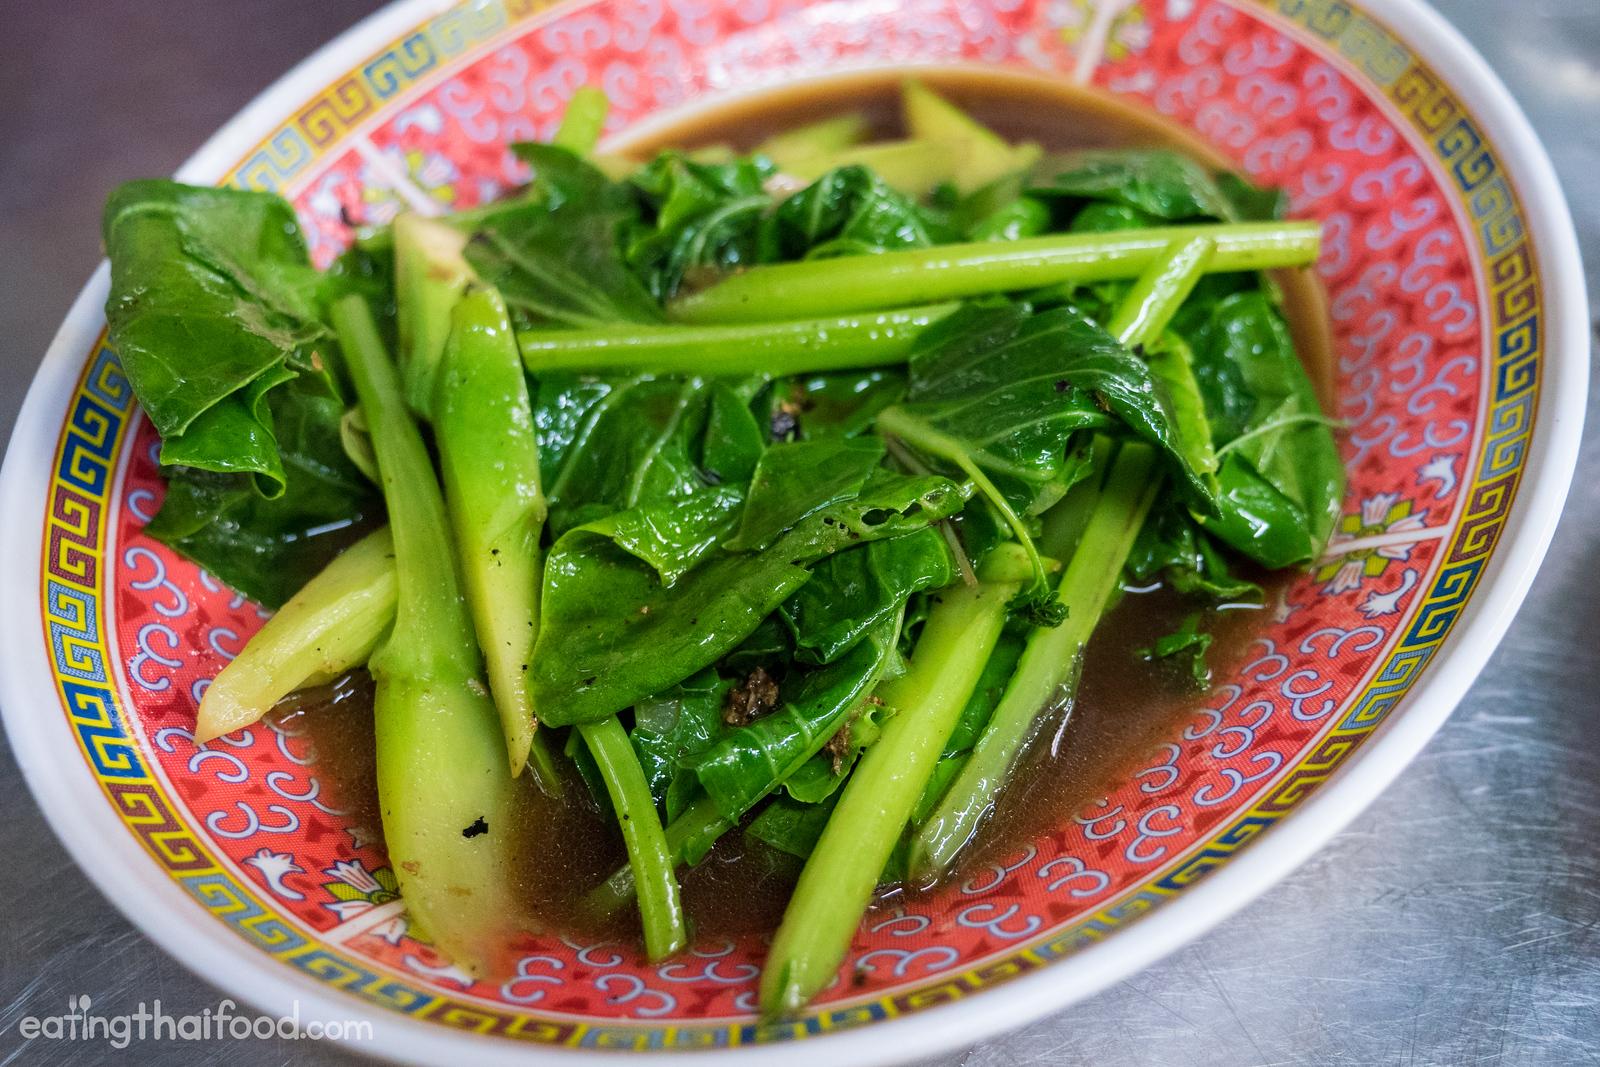 Pad pak kana (ผัดผักคะน้า)